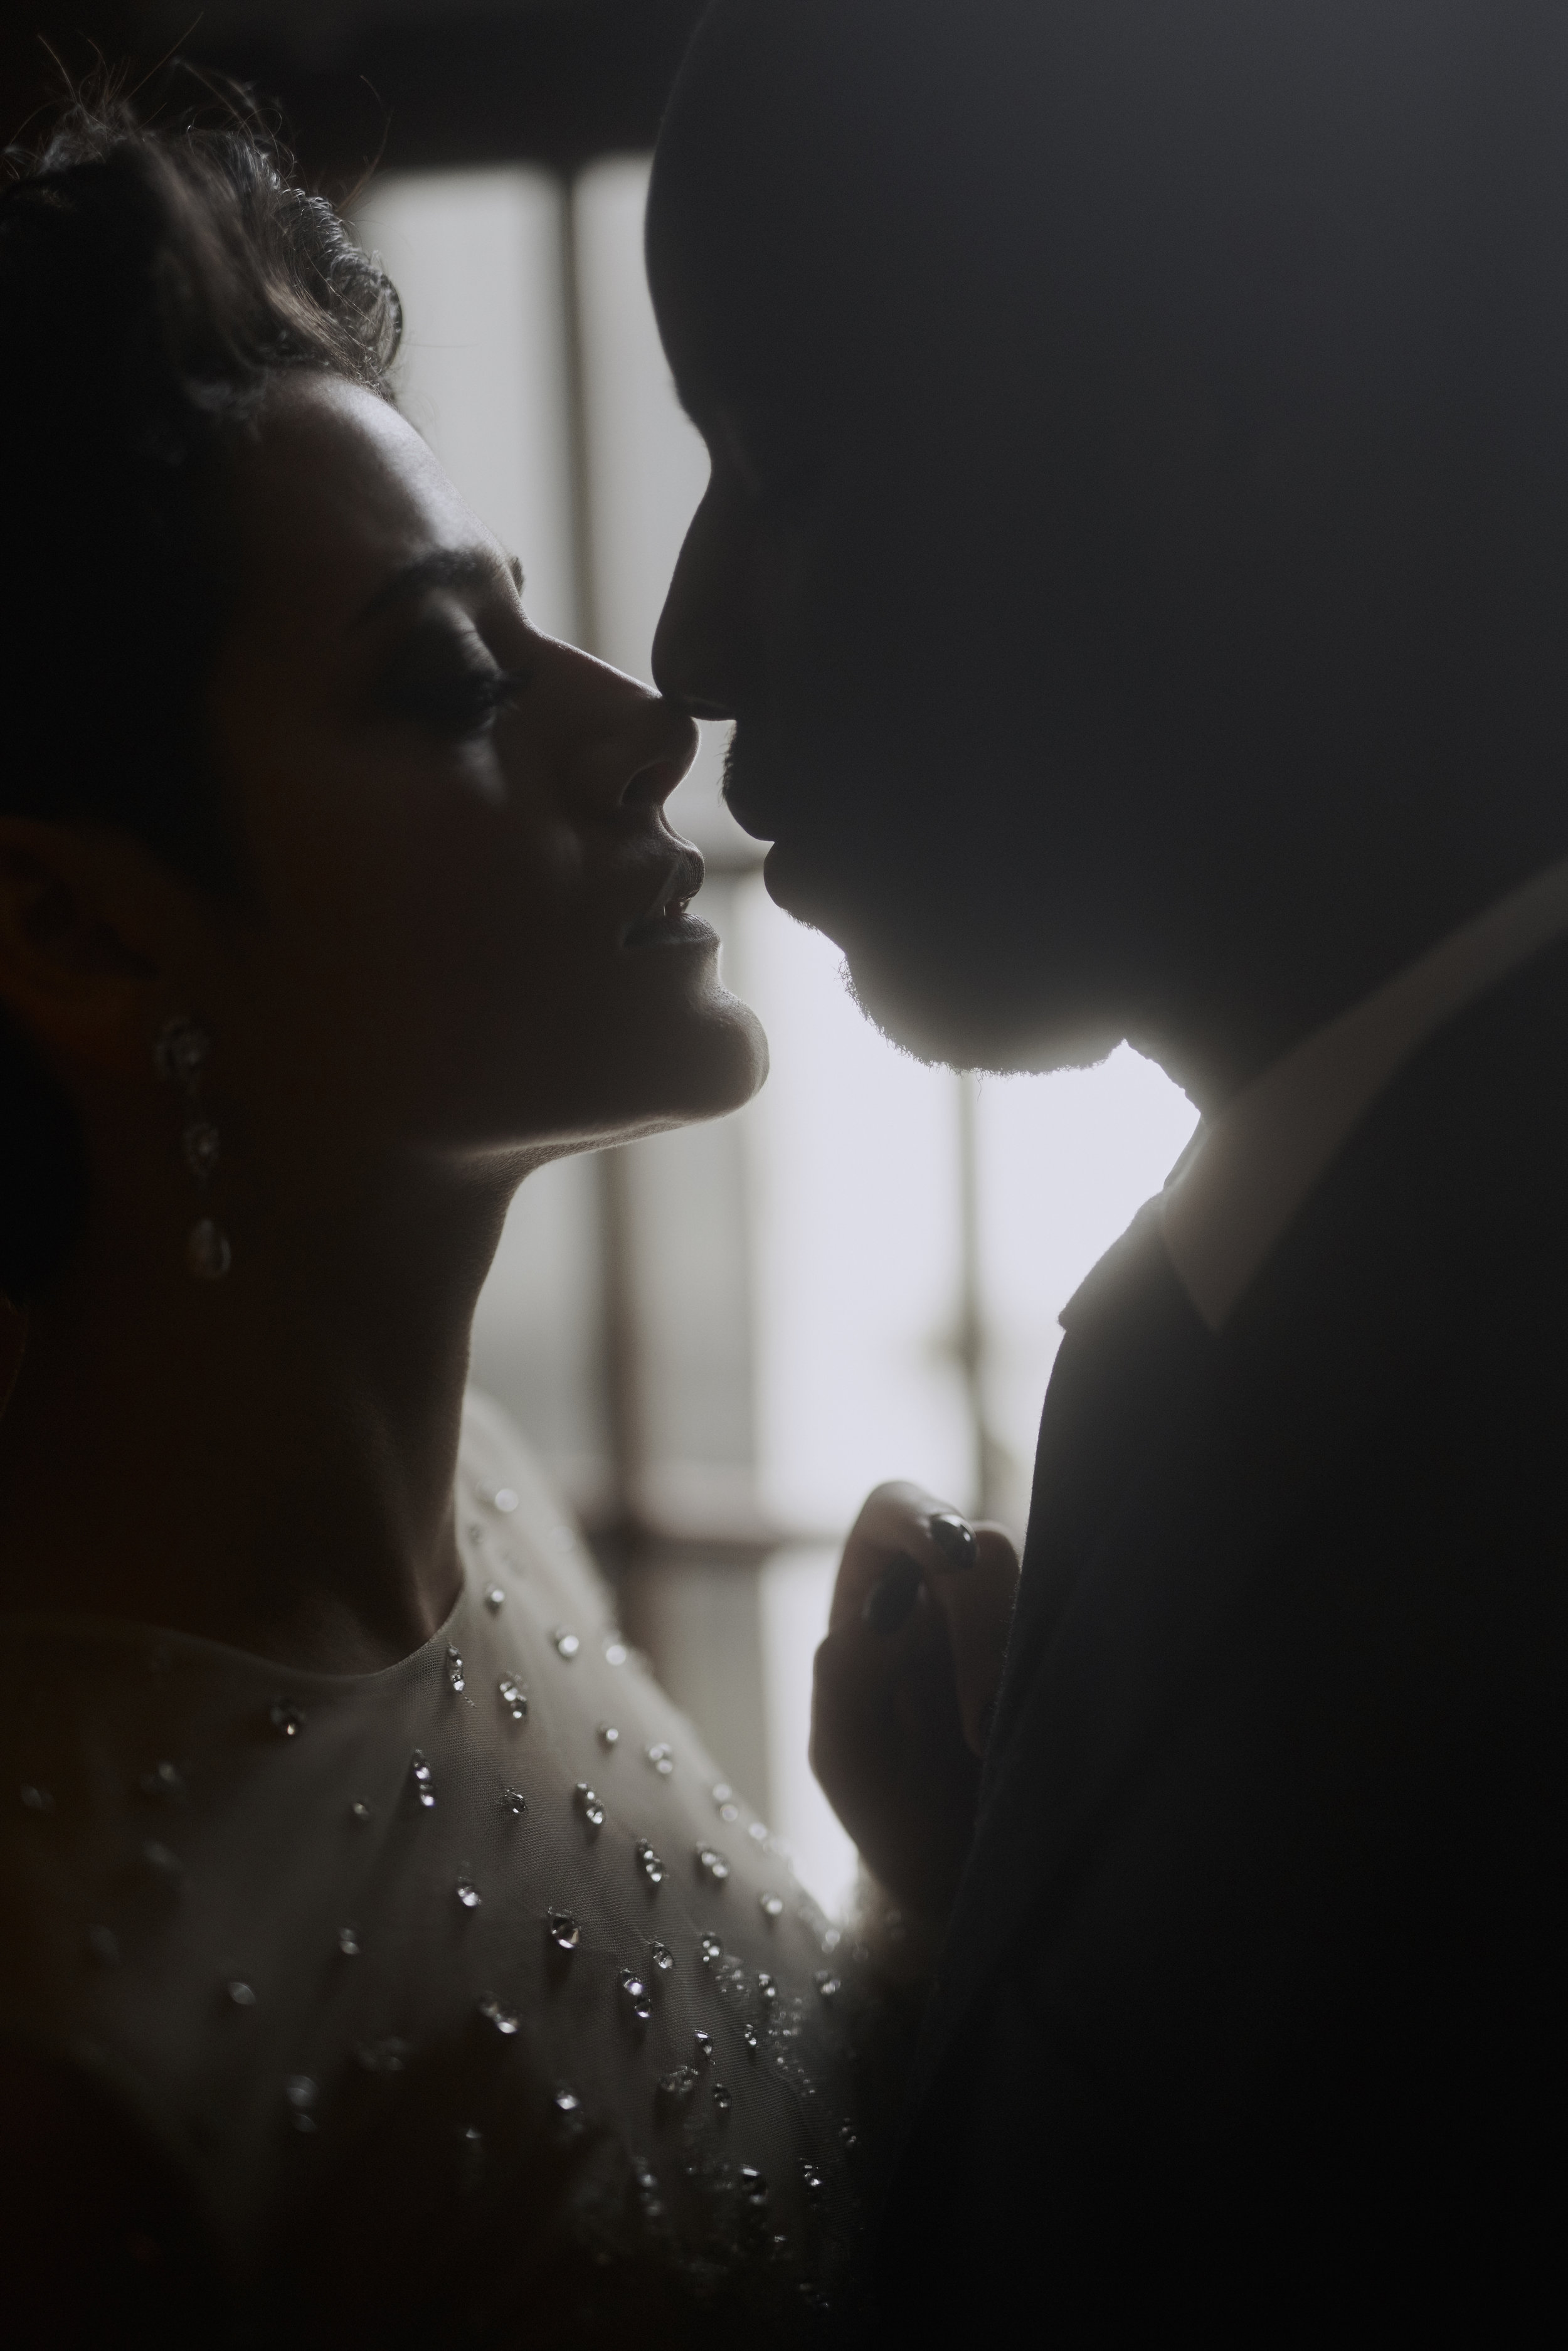 Ein Tag für Euch & Eure Vision - Weil wir es lieben, mit euch in entspannter Atmosphäre richtig kreativ zu werden, und all eure Wünsche im Detail und ohne Zeitdruck umzusetzen, haben wir uns neben den Hochzeiten auf After Wedding & Paar Portraits spezialisiert.Hier sind wir völlig frei, gemeinsam eine Vision zu entwickeln, die euch als Paar ganz individuell widerspiegelt. Von der Location, über das Styling, bis hin zu Kleidung und Requisiten, kreieren wir mit euch kunstvolle Portraits, die euch als Paar und eure gemeinsame Geschichte zelebrieren.Vom ersten gemeinsamen Konzept, über den Shooting-Tag bis zum fertigen Wandbild oder Album in euren Händen, führen wir euch zu euren ganz persönlichen Paar Portraits.